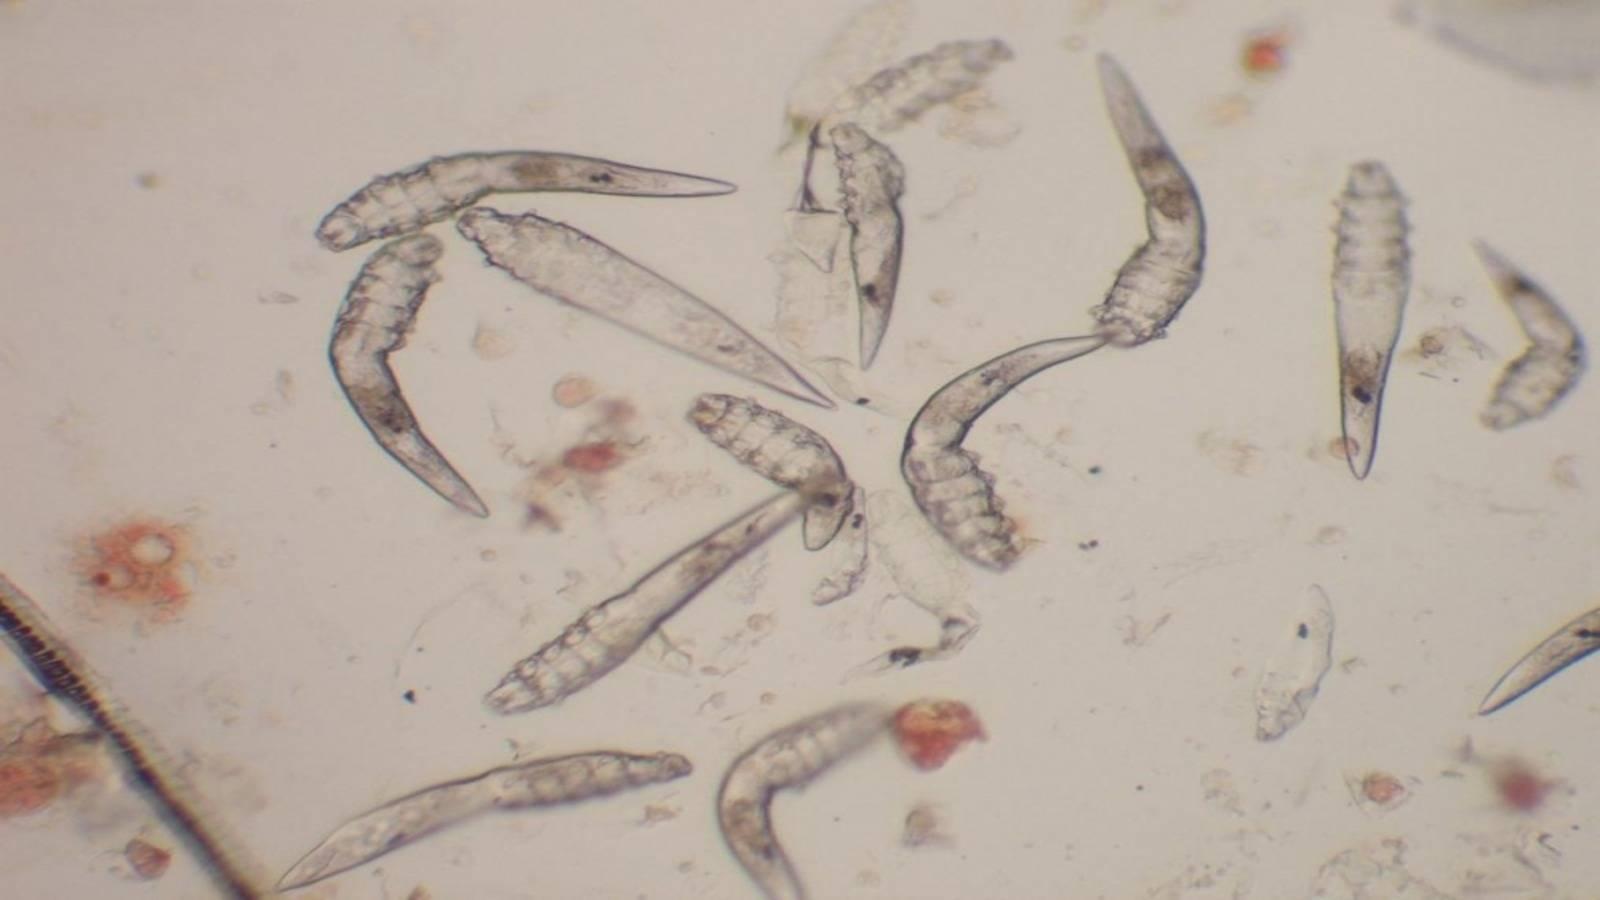 паразиты в организме человека симптомы на коже